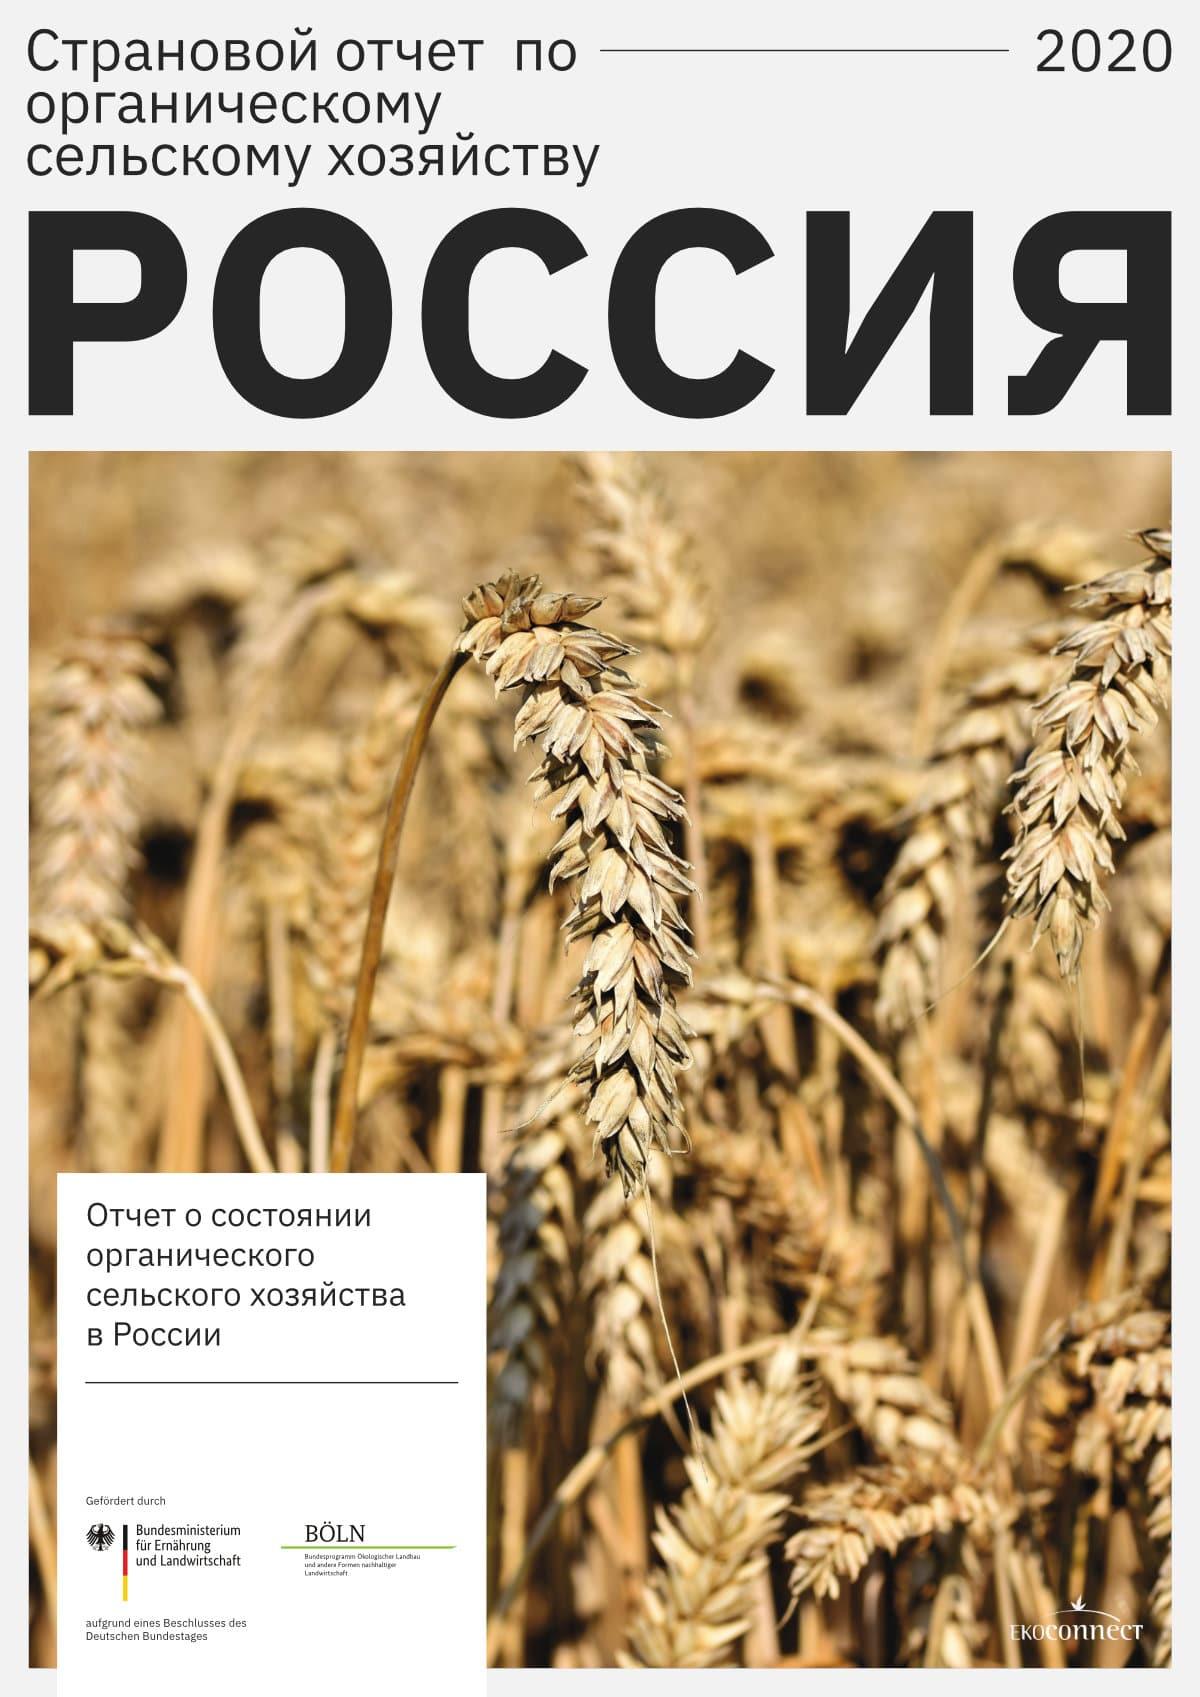 whateverworks-Страновой-отчет-по-органическому-сельскому-хозяйству-Россия-EkoConnect-2020